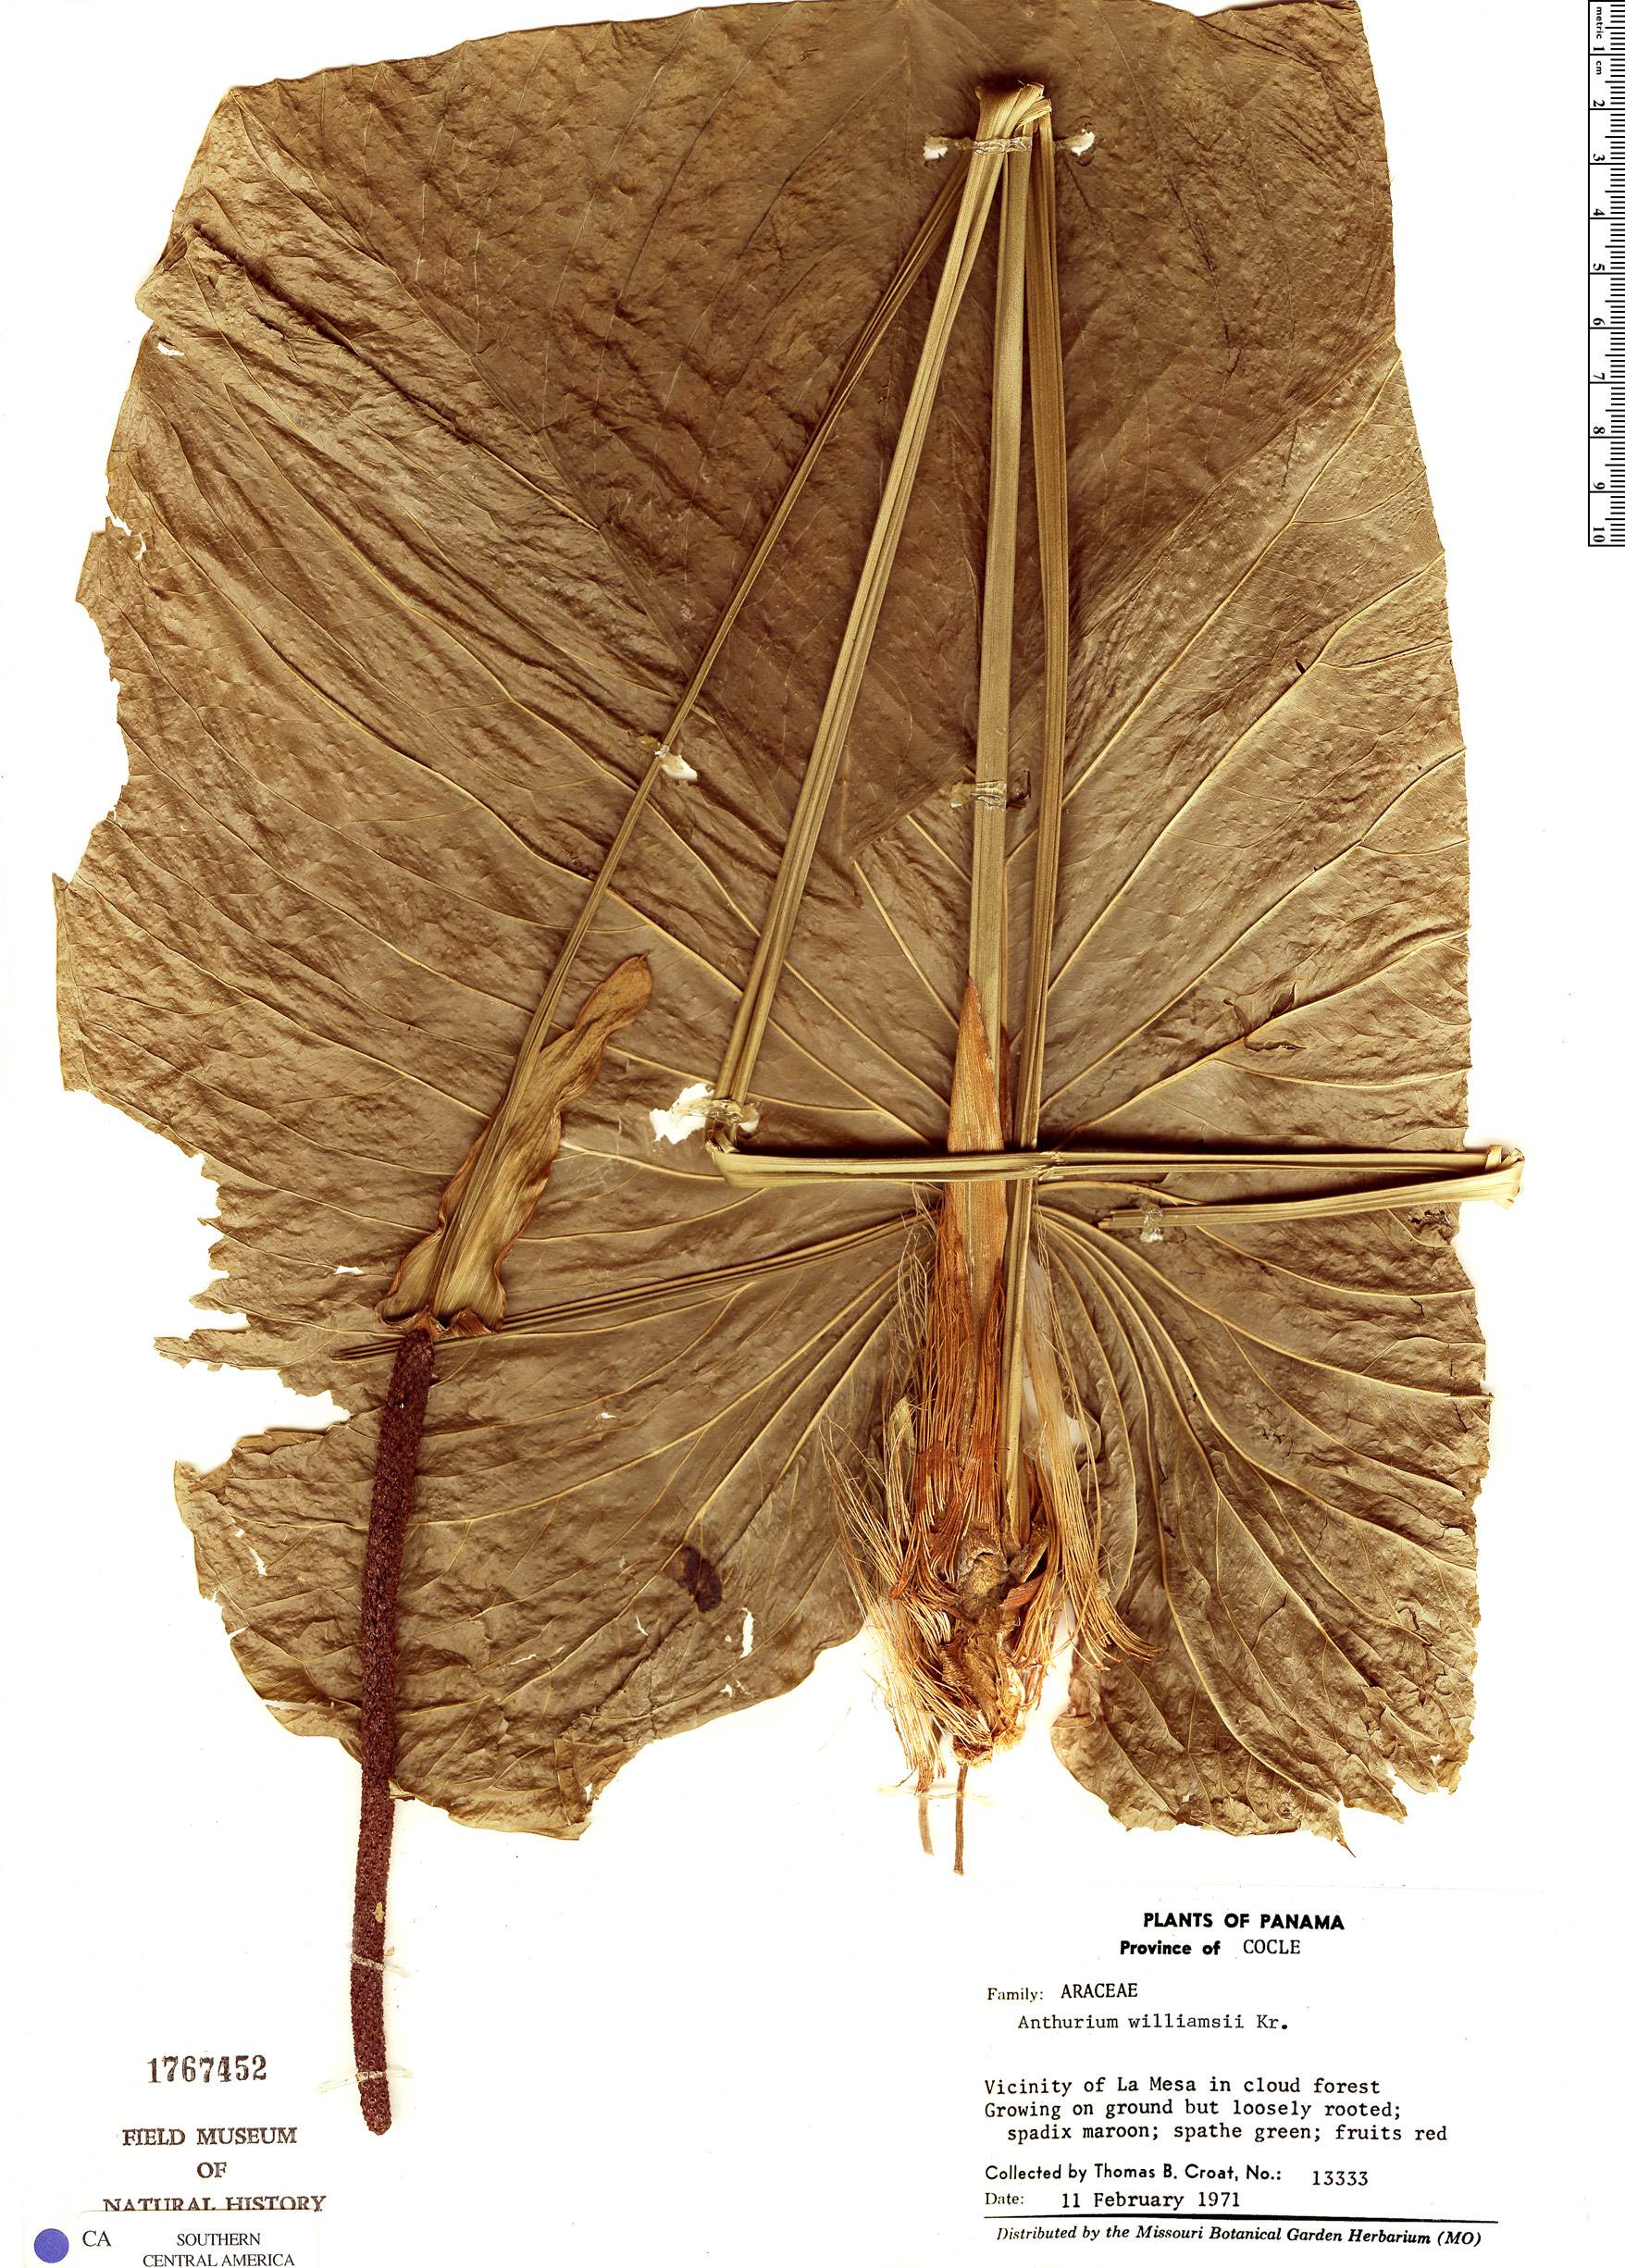 Specimen: Anthurium cuspidatum